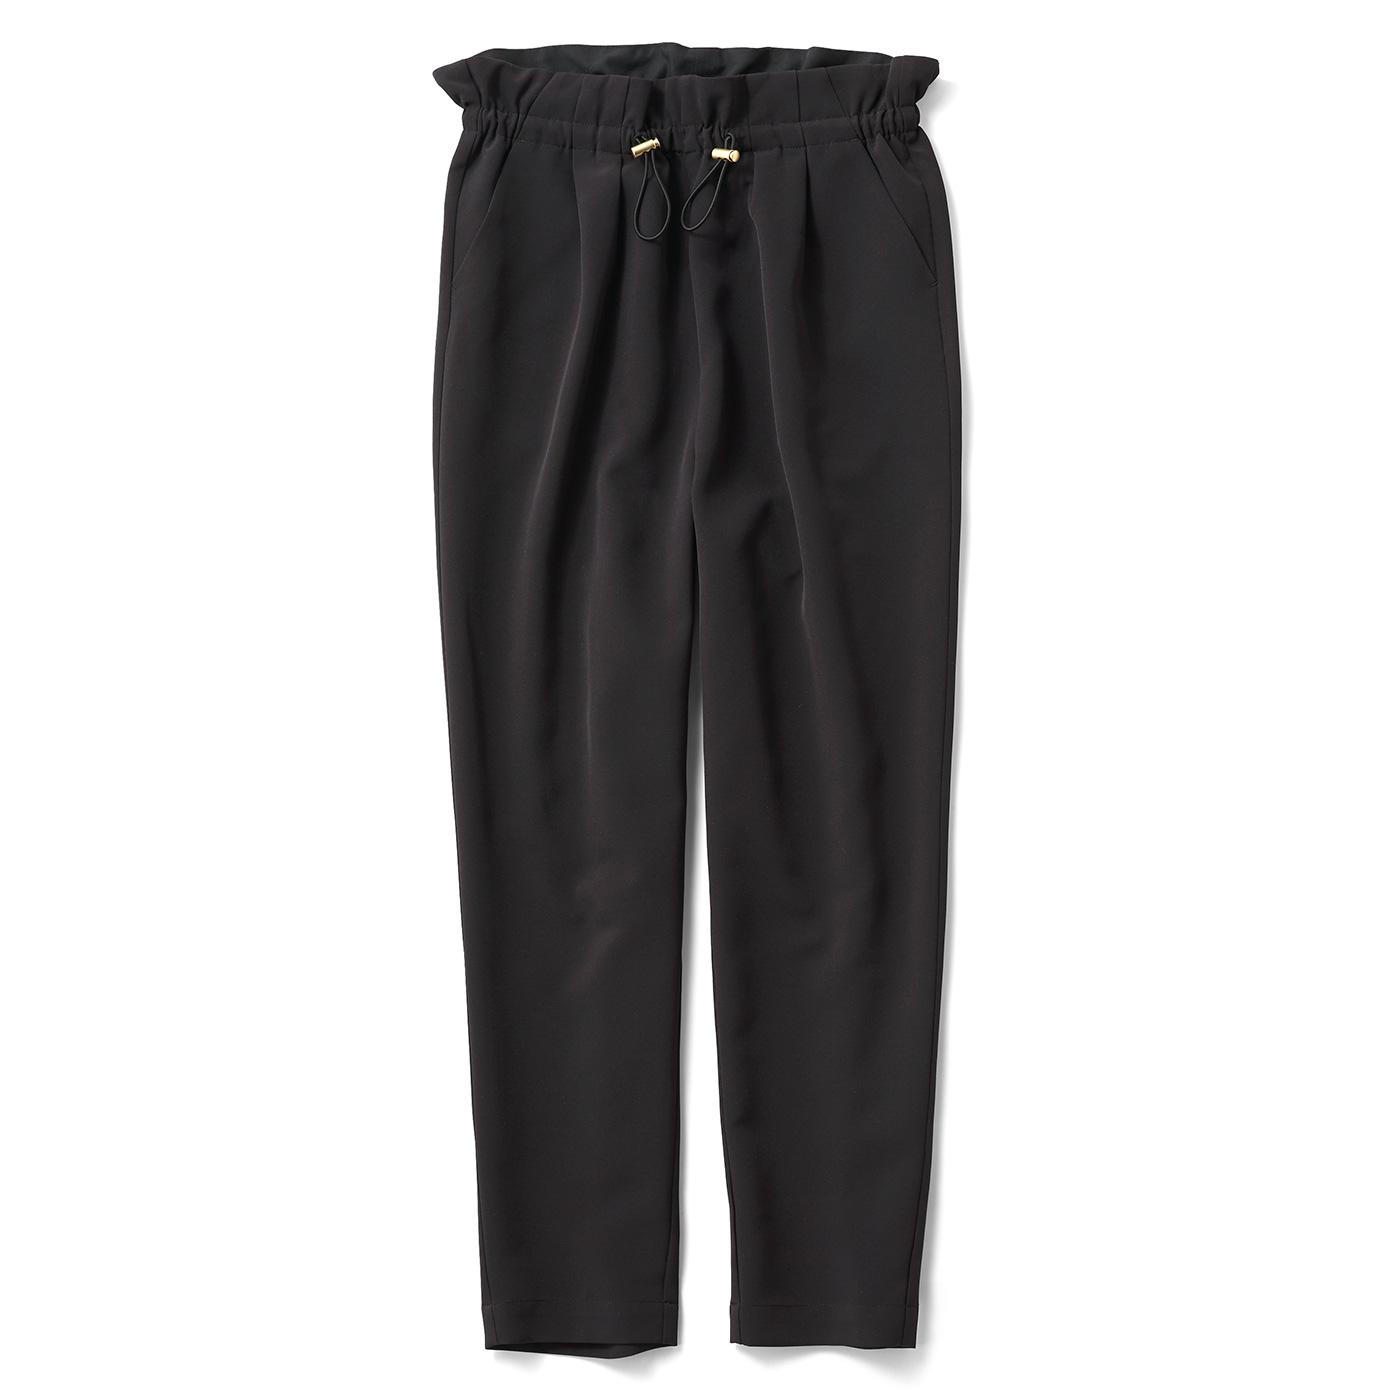 IEDIT オンオフに着られるドローコードパンツ〈ブラック〉